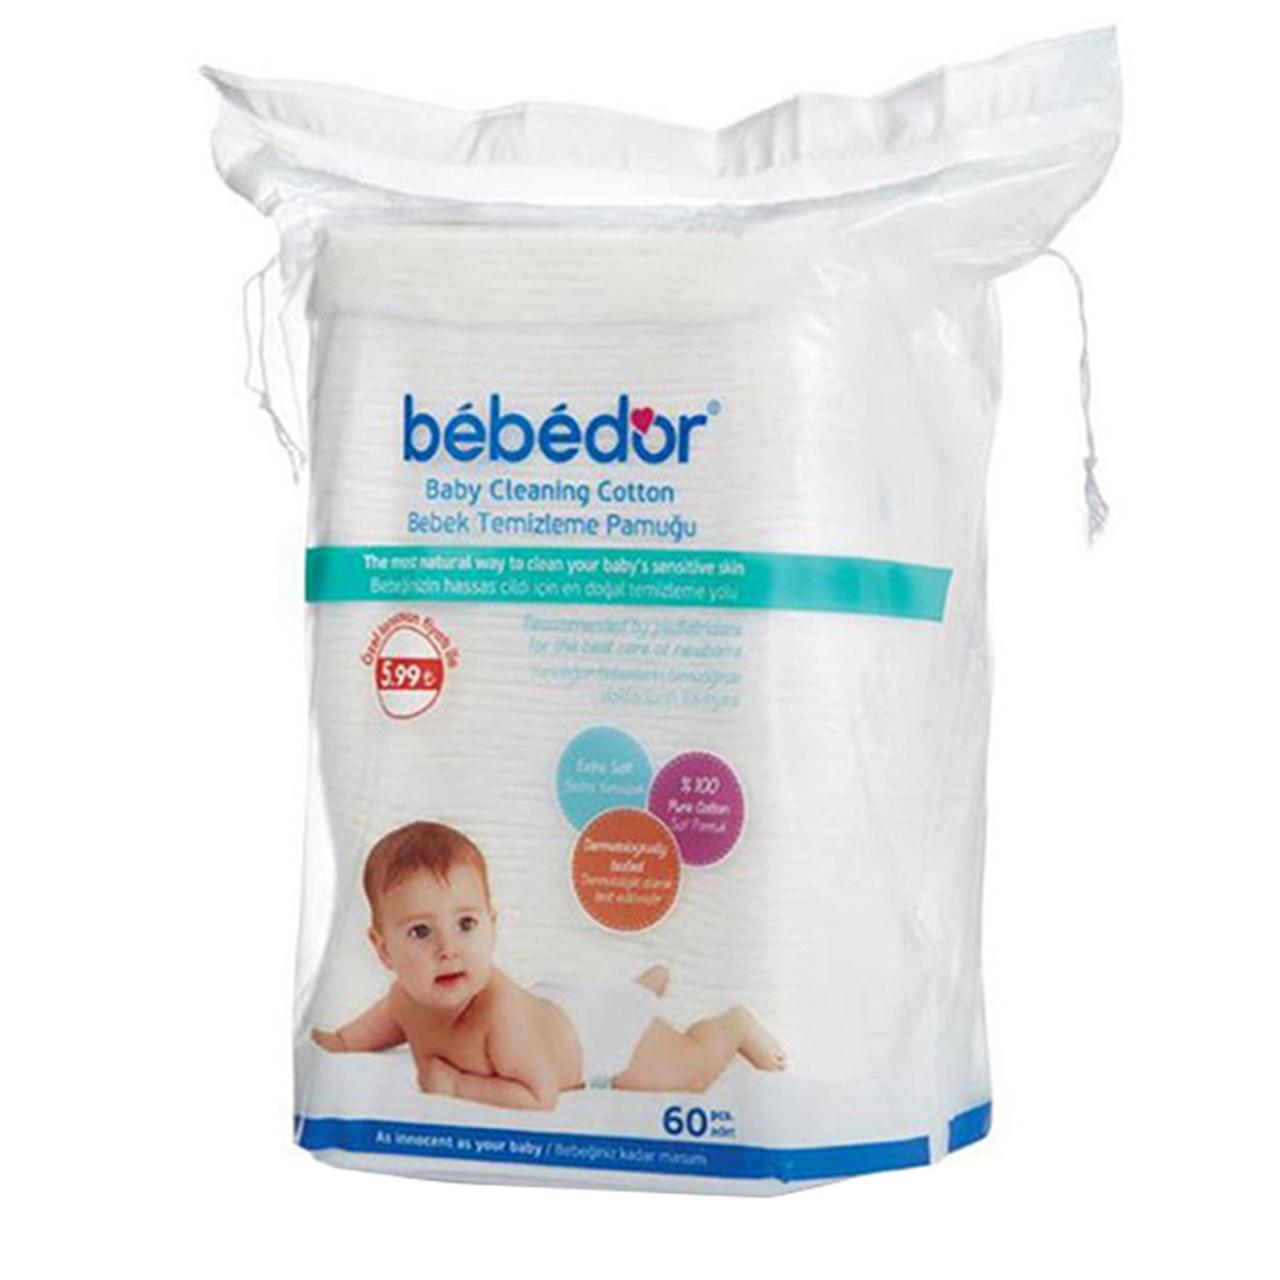 پد پاک کننده نوزادی ببه دور مدل Bd631 بسته 60 عددی